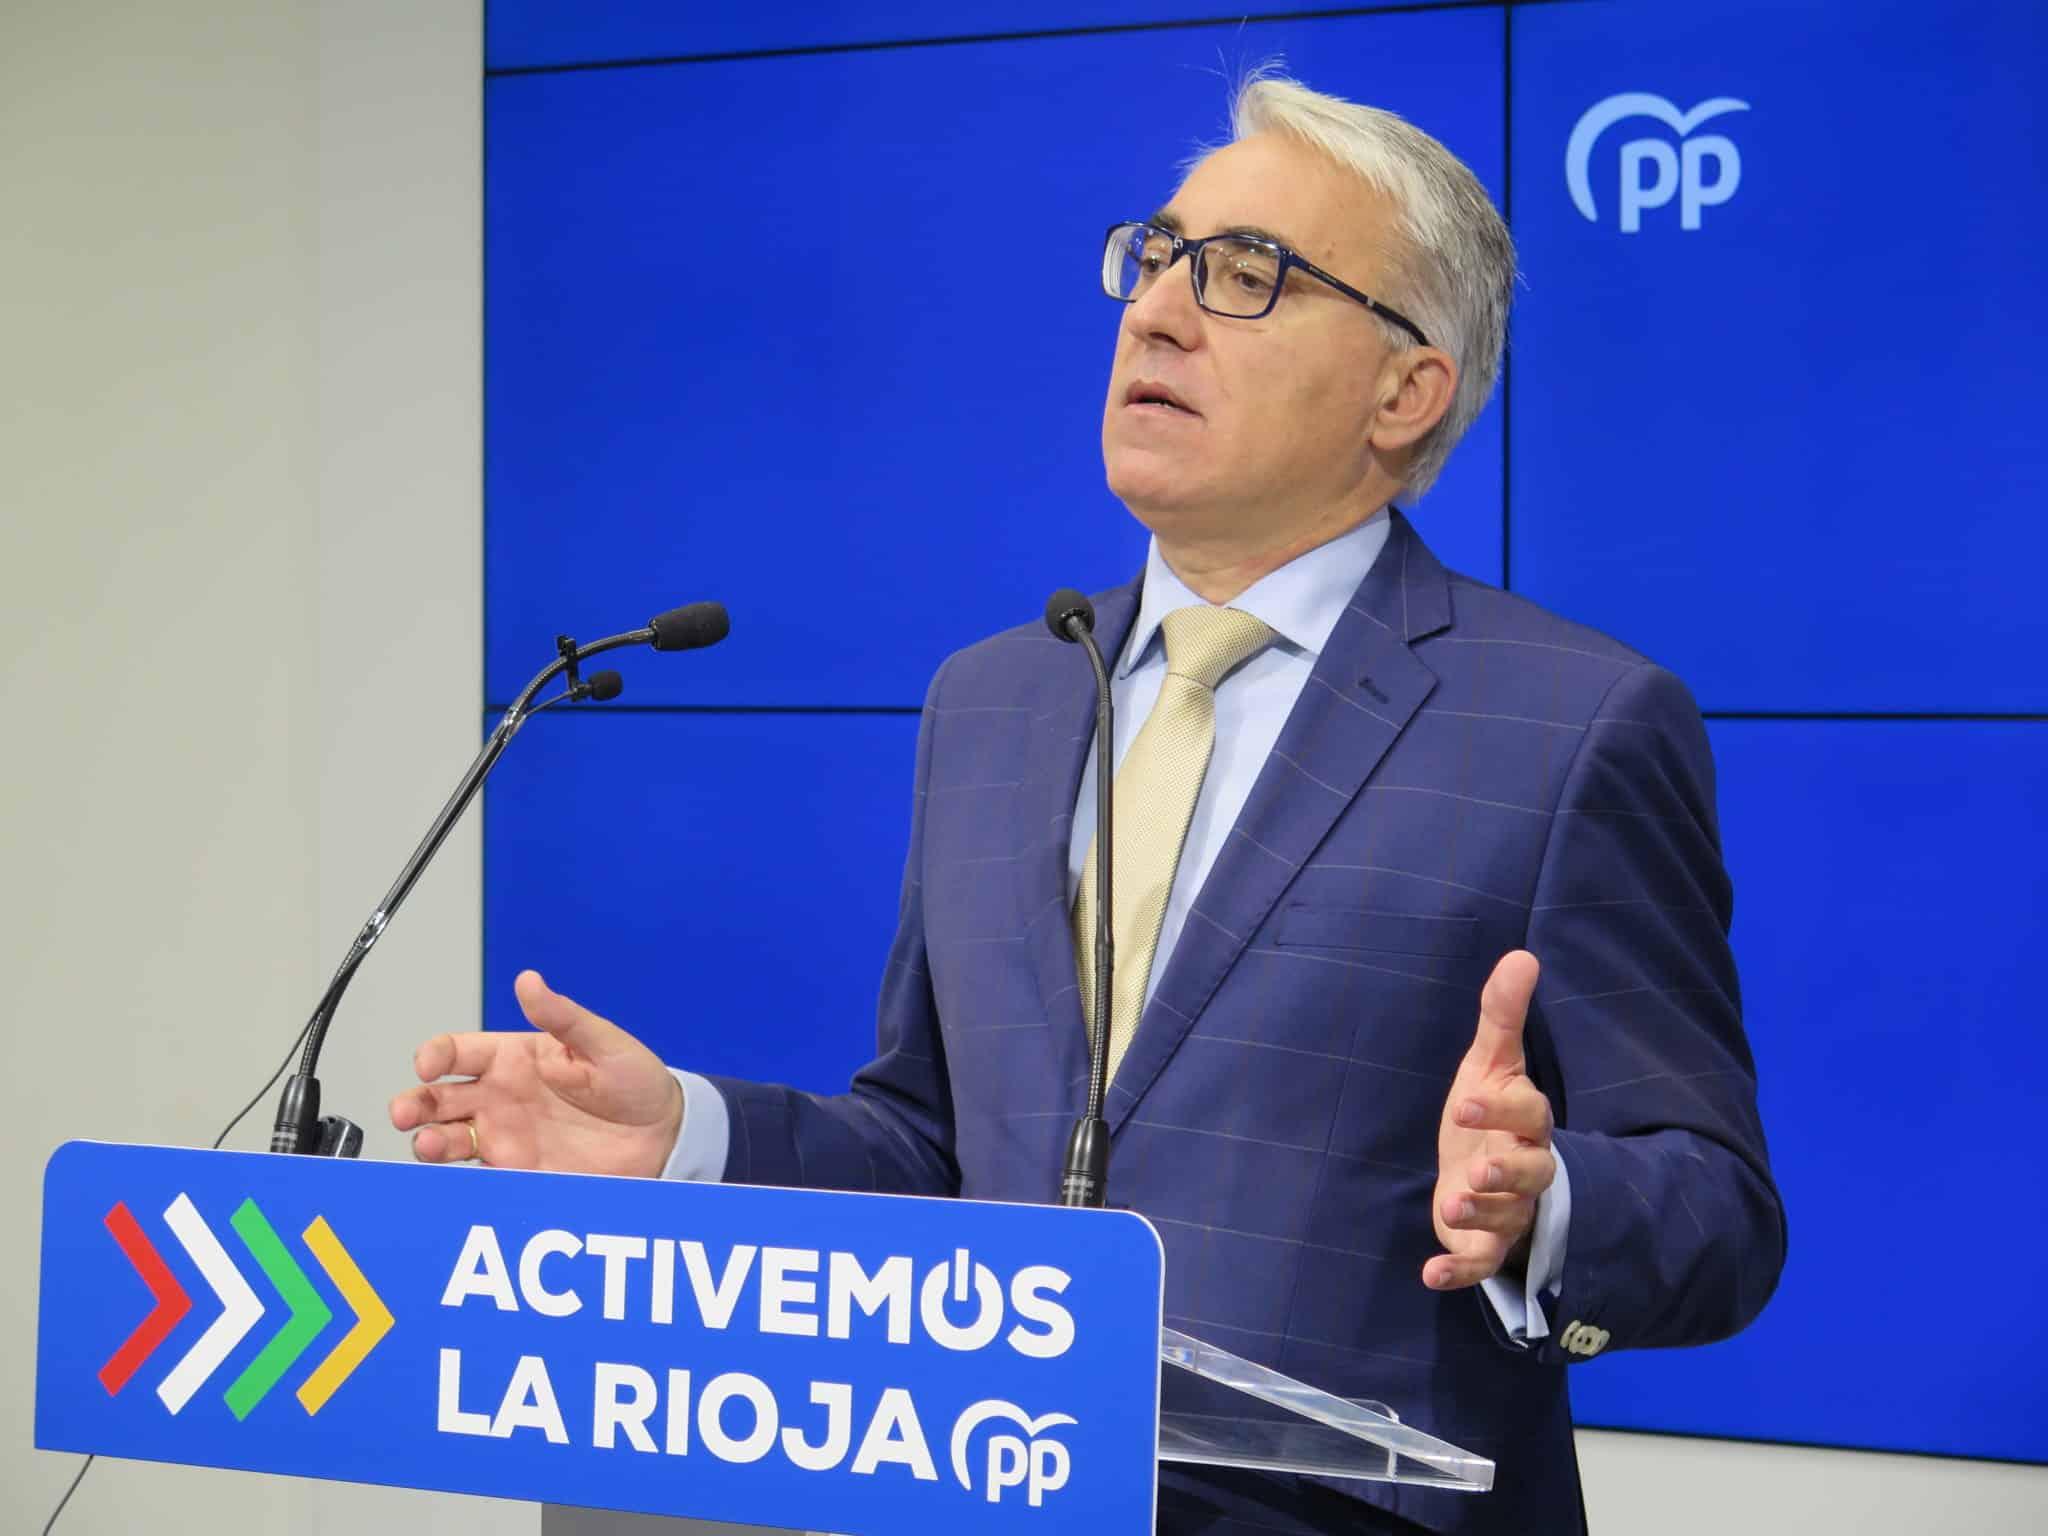 """El PP de La Rioja vuelve a apostar por los test masivos para """"anticiparse y no seguir llegando tarde"""" 1"""